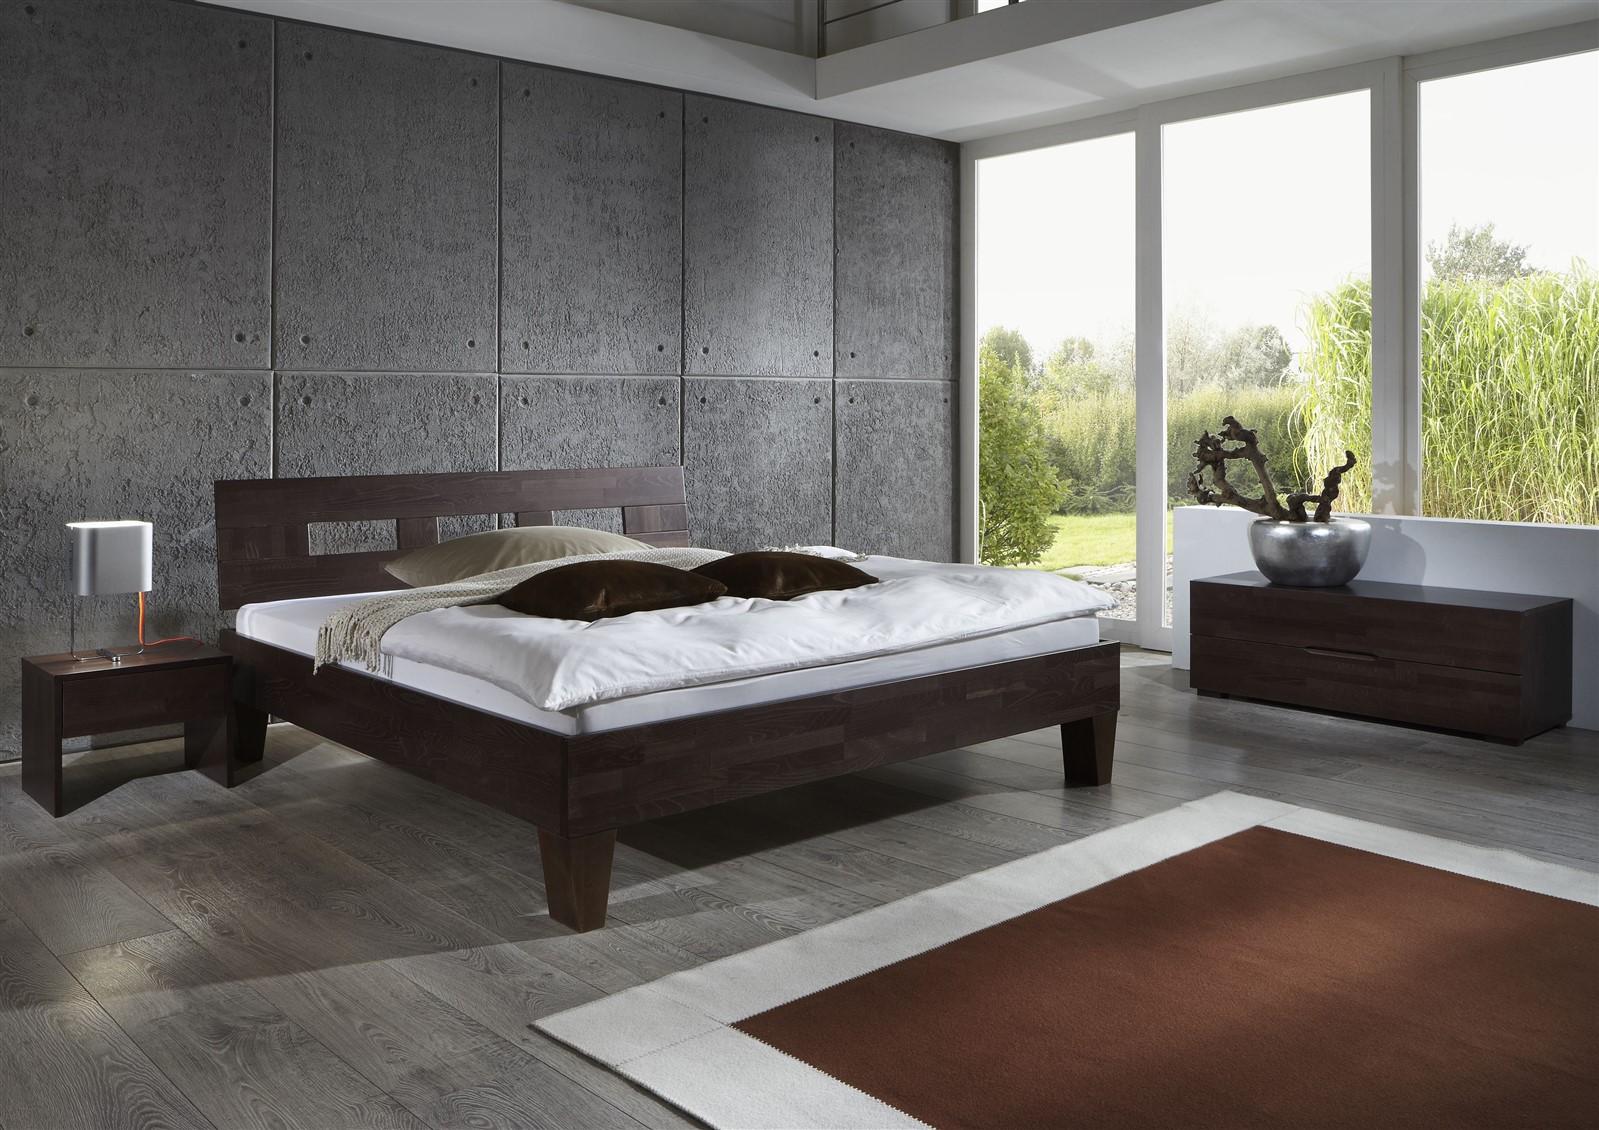 Full Size of Massivholzbett Schlafzimmerbett Ritz Bett Buche Wenge 200x200 Betten Mit Aufbewahrung Dormiente Luxus Unterbett Dänisches Bettenlager Badezimmer Bettkasten Bett 200x200 Bett